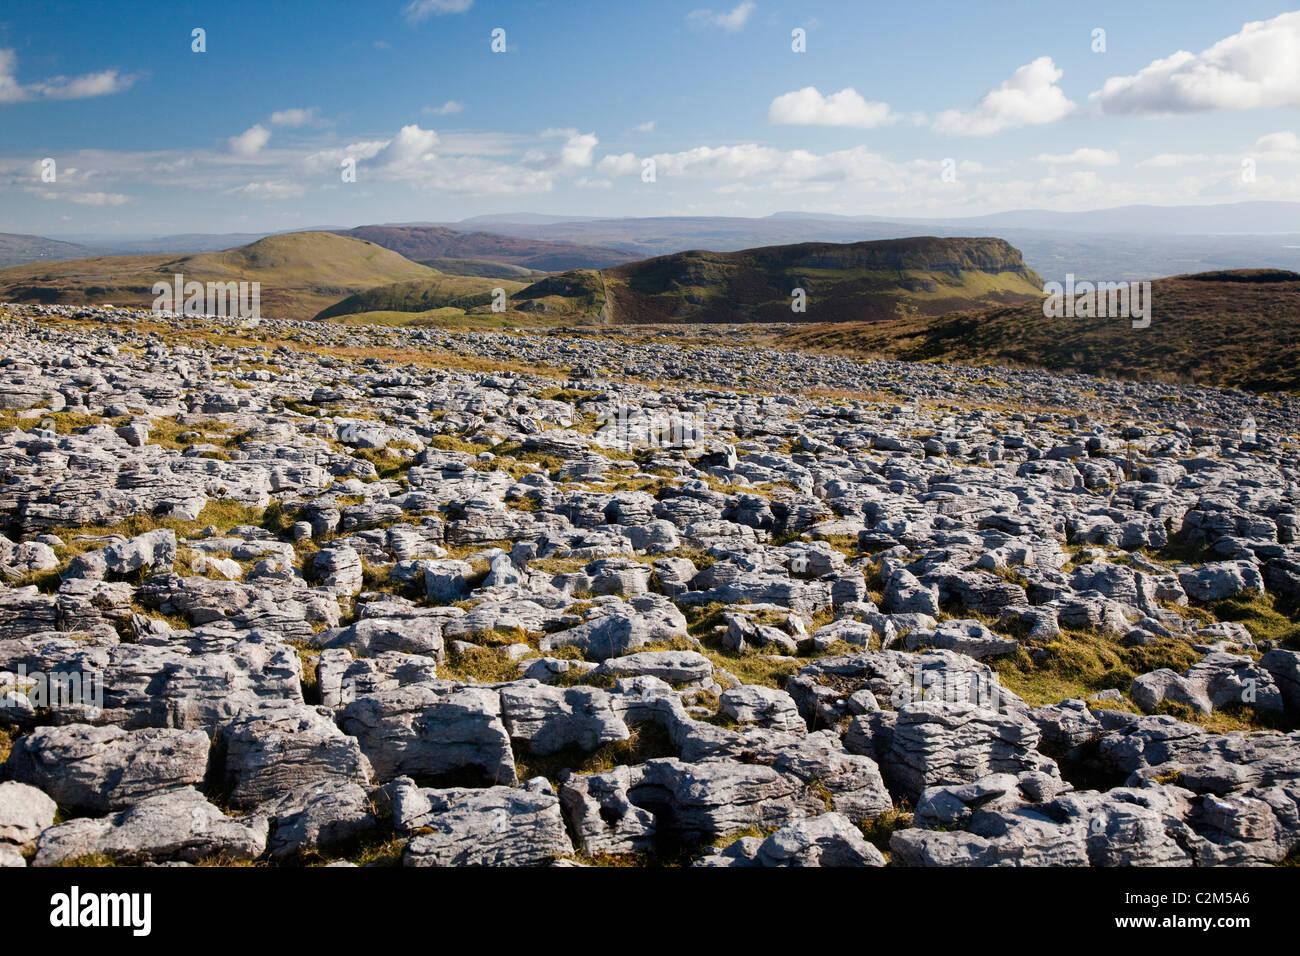 Lapiez sur Keelogyboy Mountain, County Leitrim, Ireland. Photo Stock